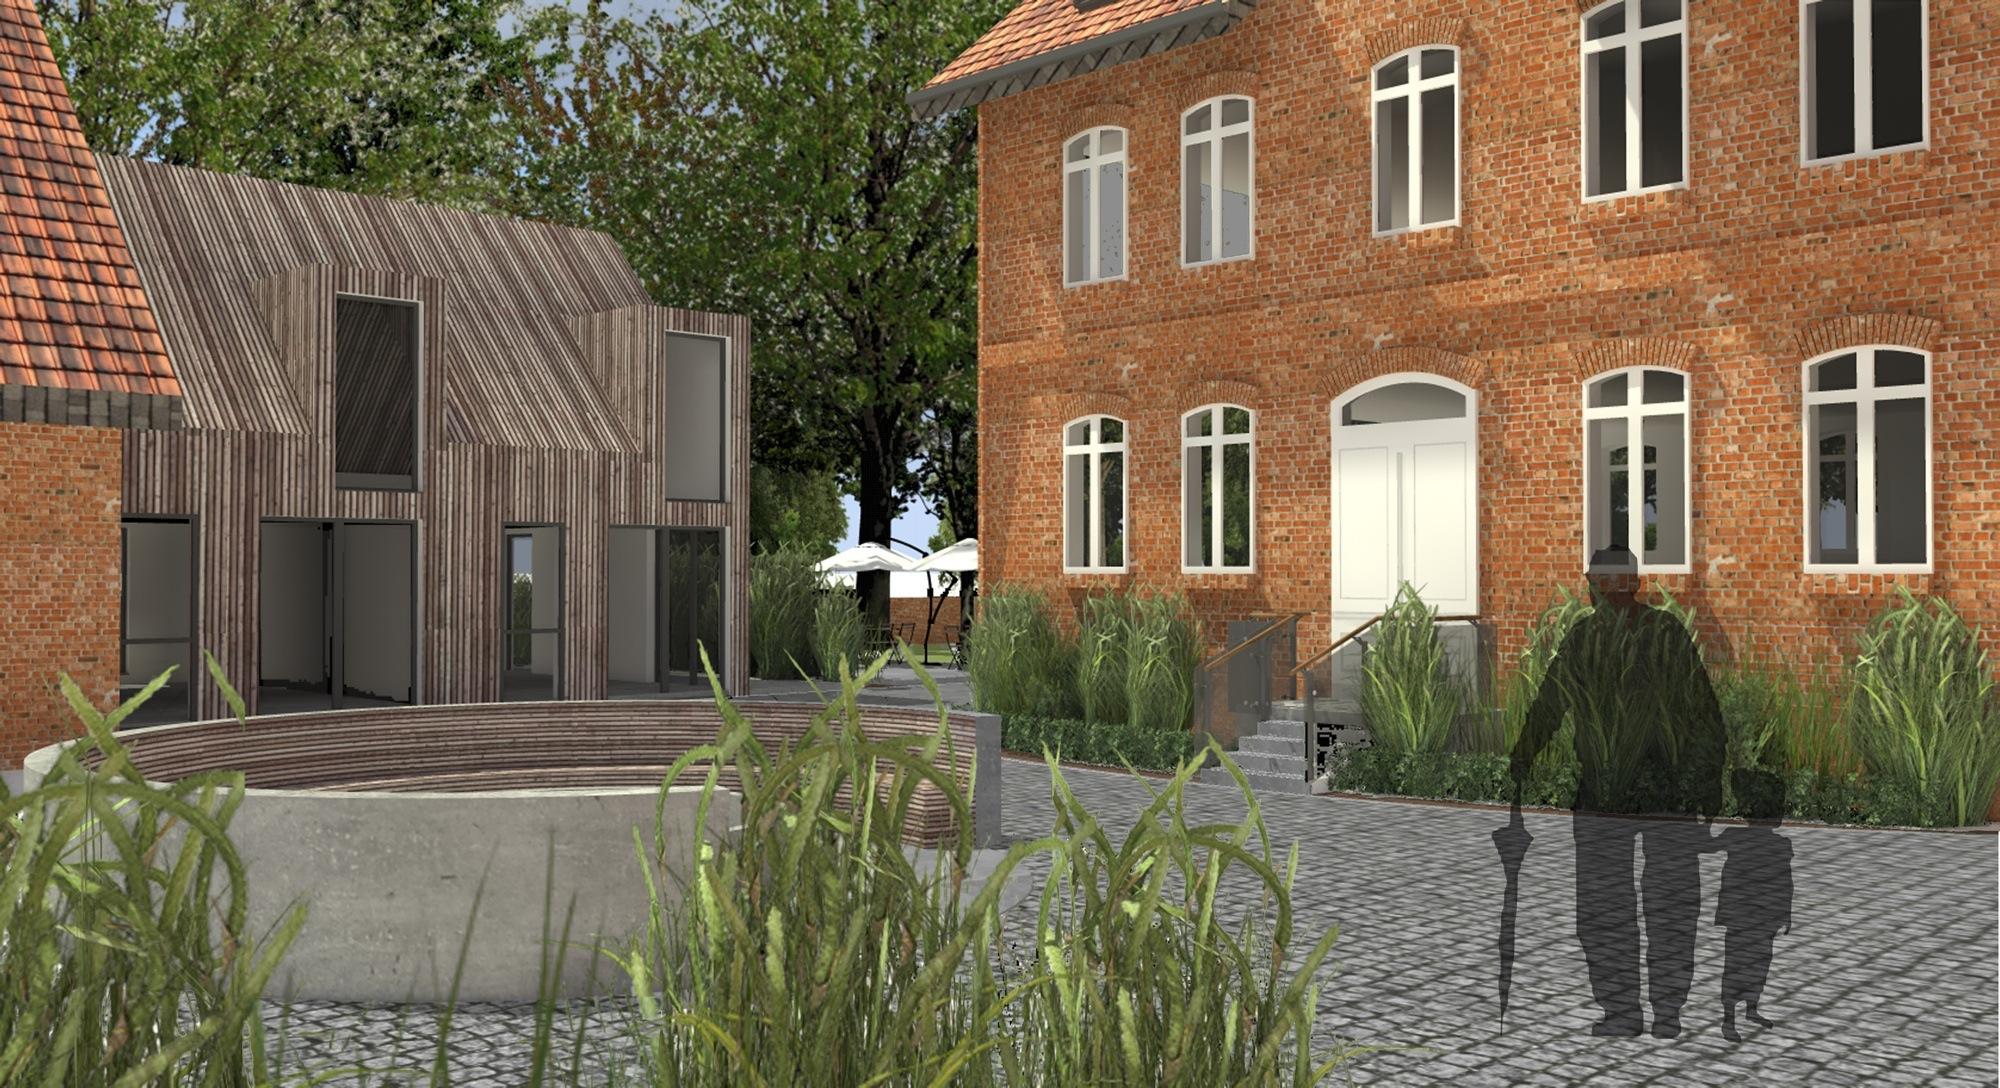 bdiausgezeichnet hochschule hannover bund deutscher. Black Bedroom Furniture Sets. Home Design Ideas